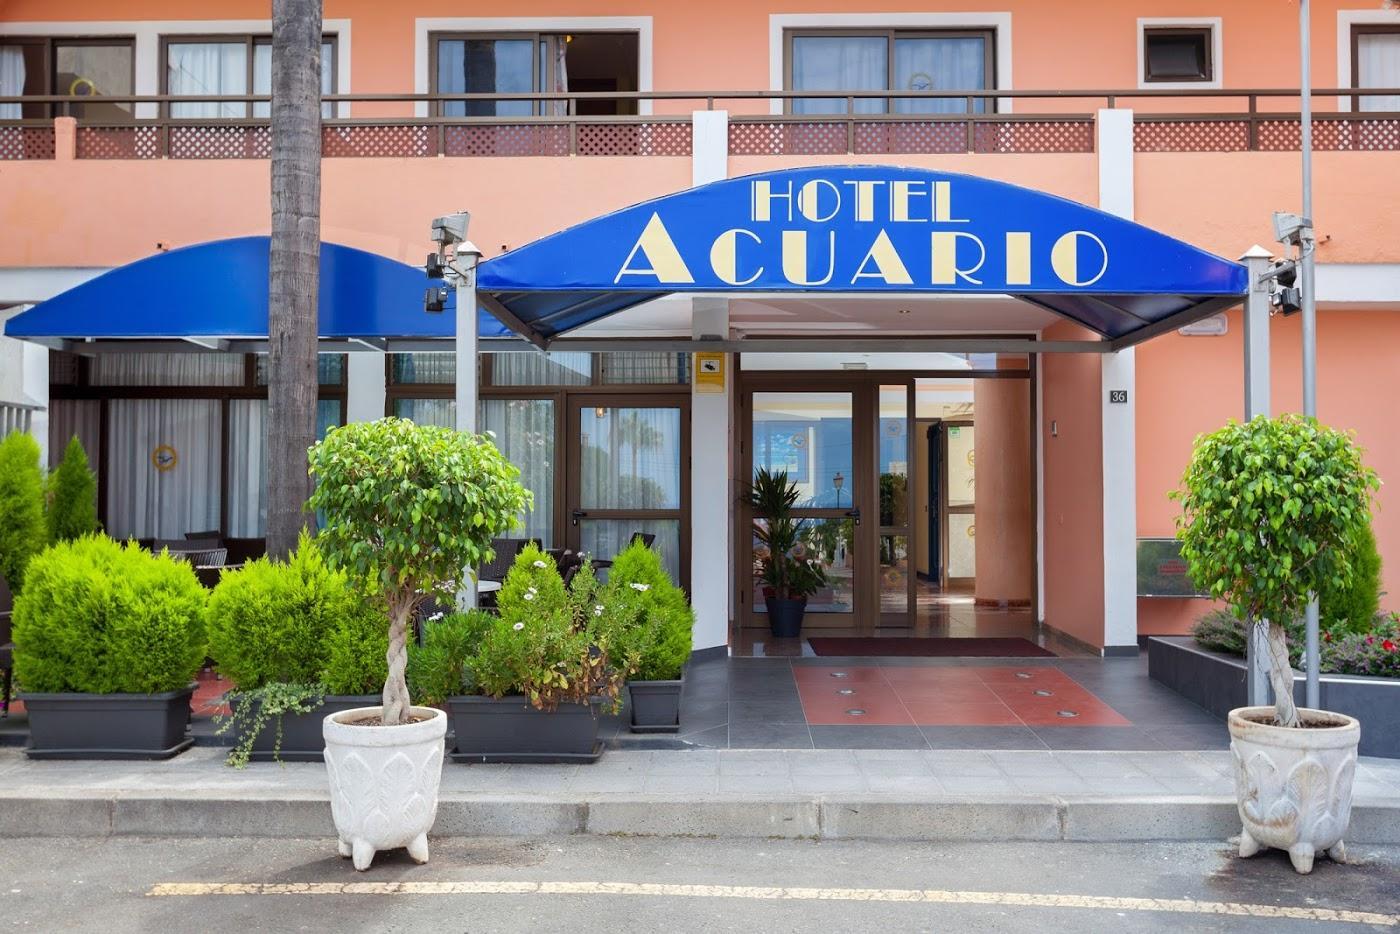 Hotel acuario en puerto de la cruz viajes carrefour - Hoteles baratos puerto de la cruz ...